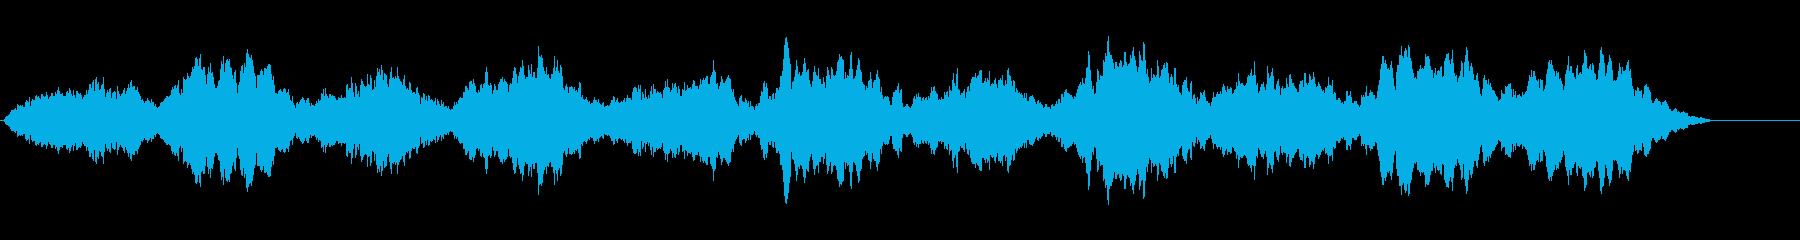 穏やかに重苦しい雰囲気のBGMの再生済みの波形